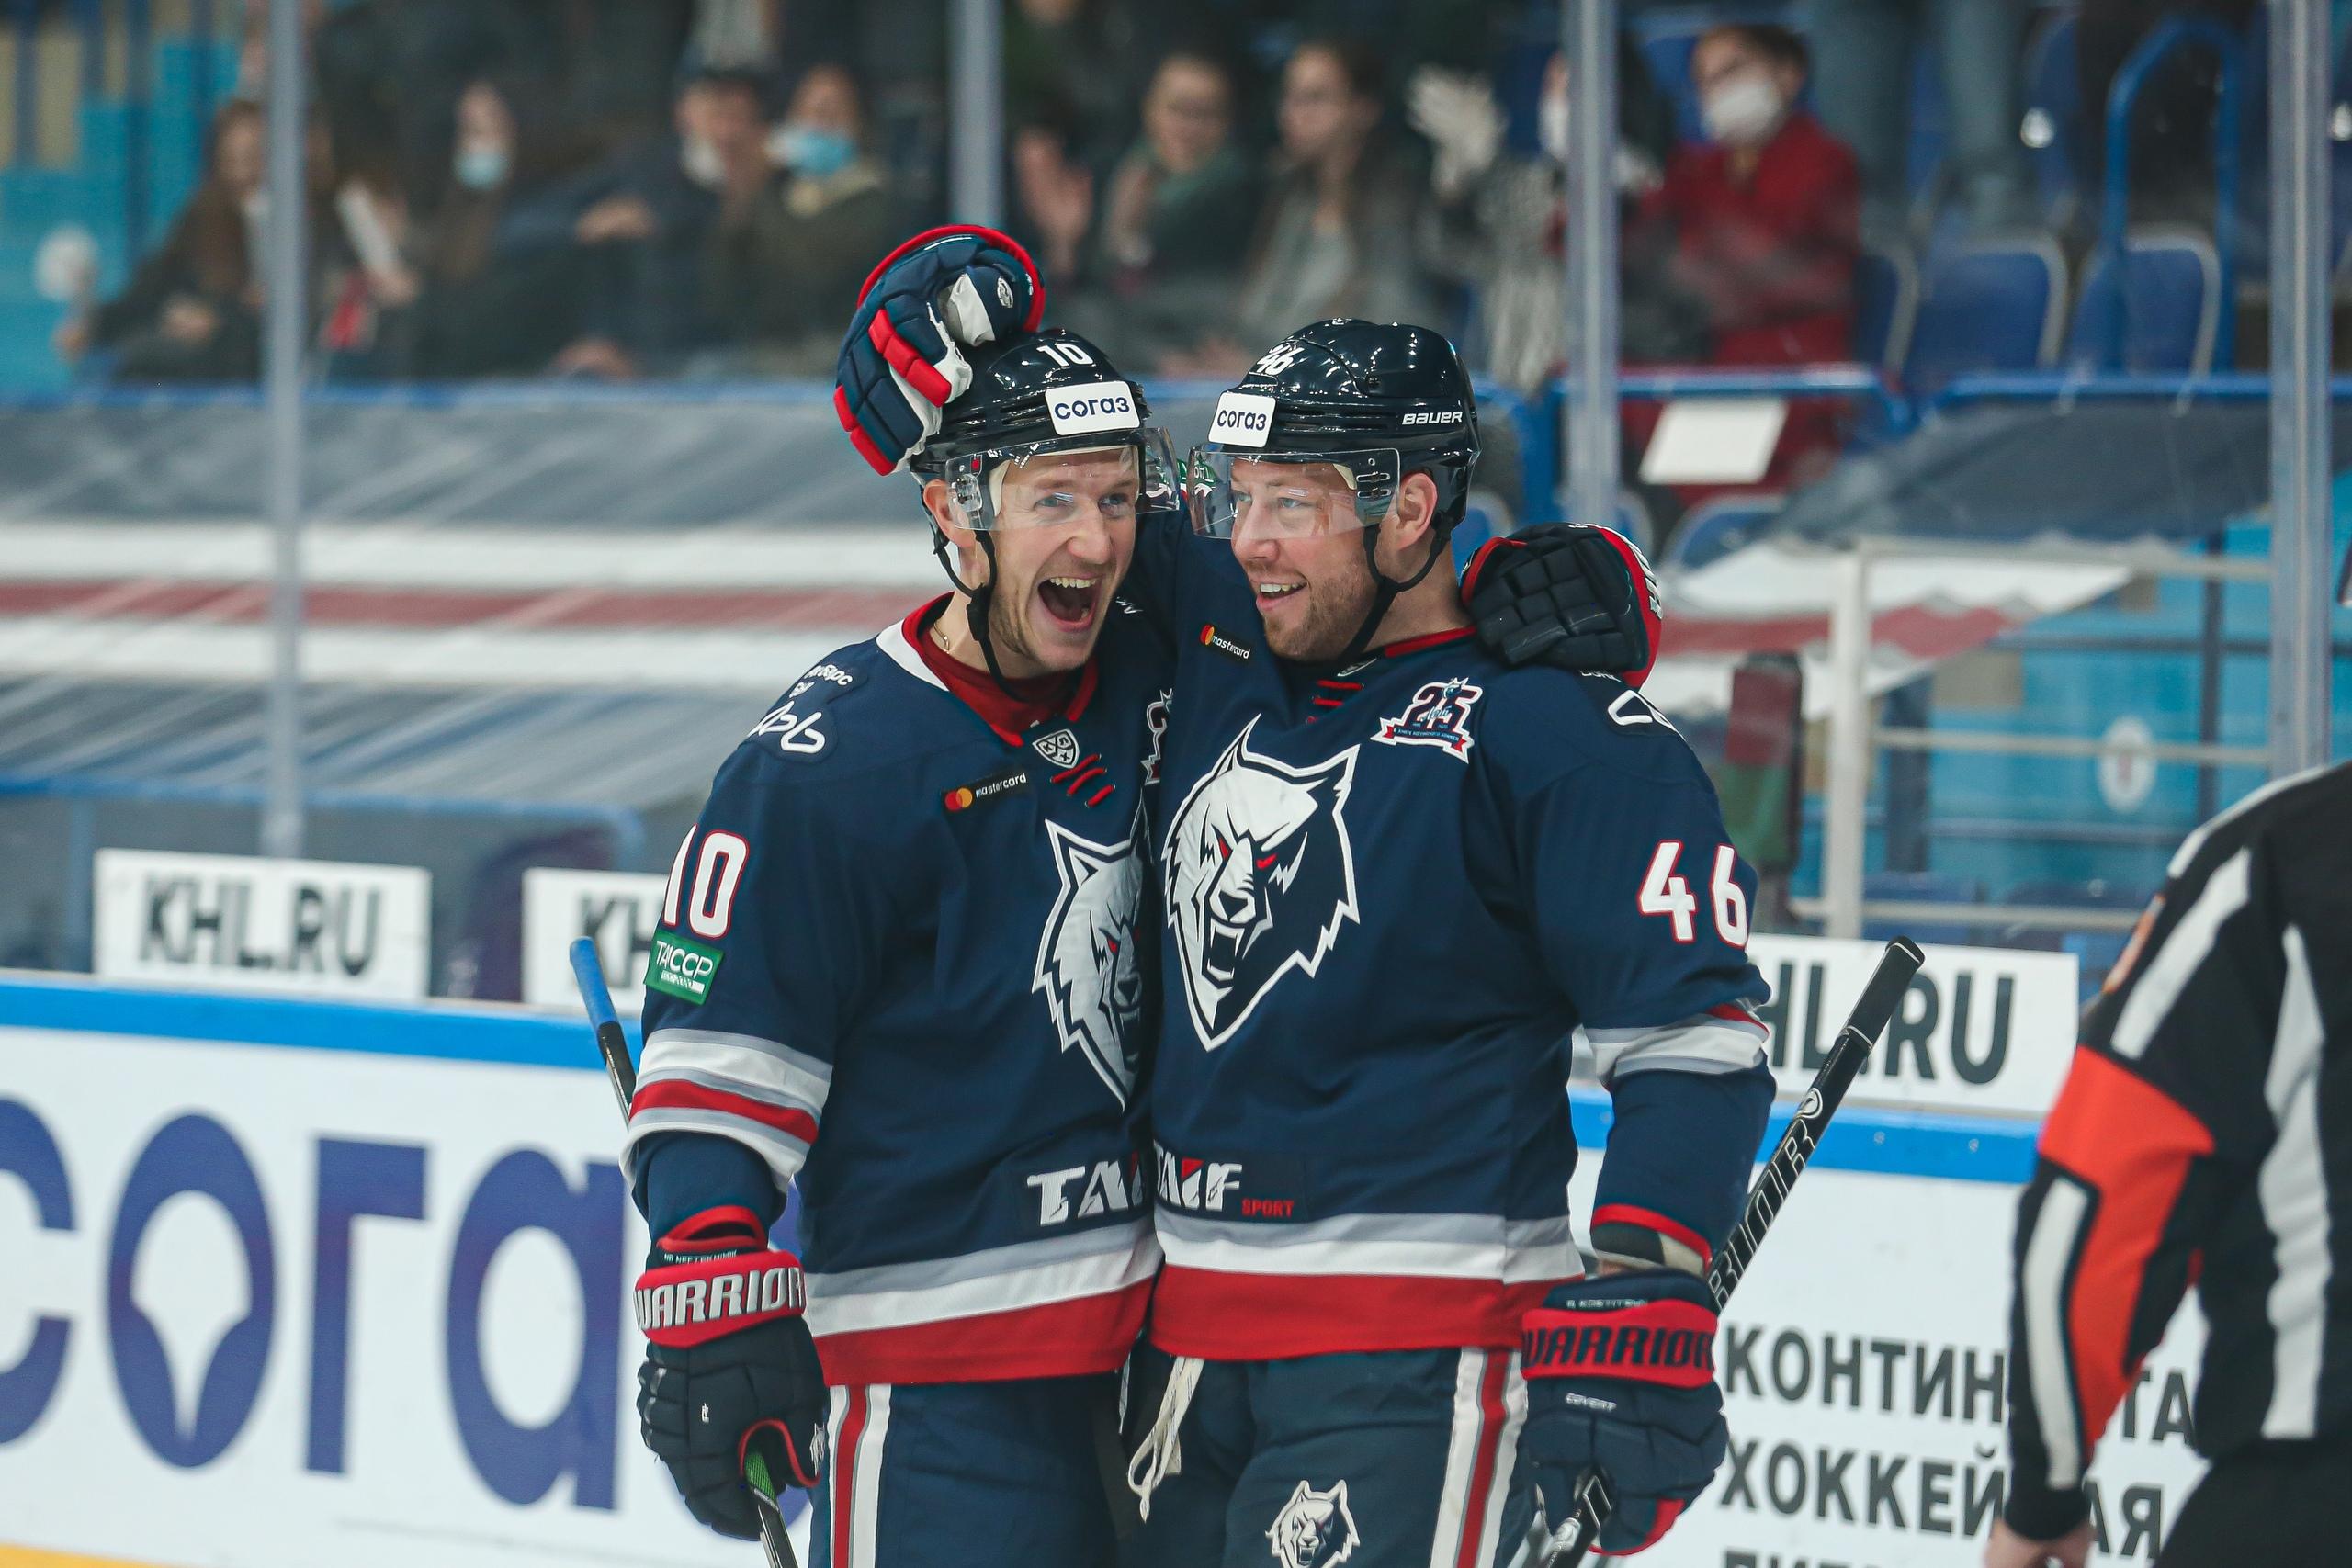 У Андрея Костицына первое очко в сезоне, у Андрея Скабелки – третья кряду победа: все результаты дня в КХЛ